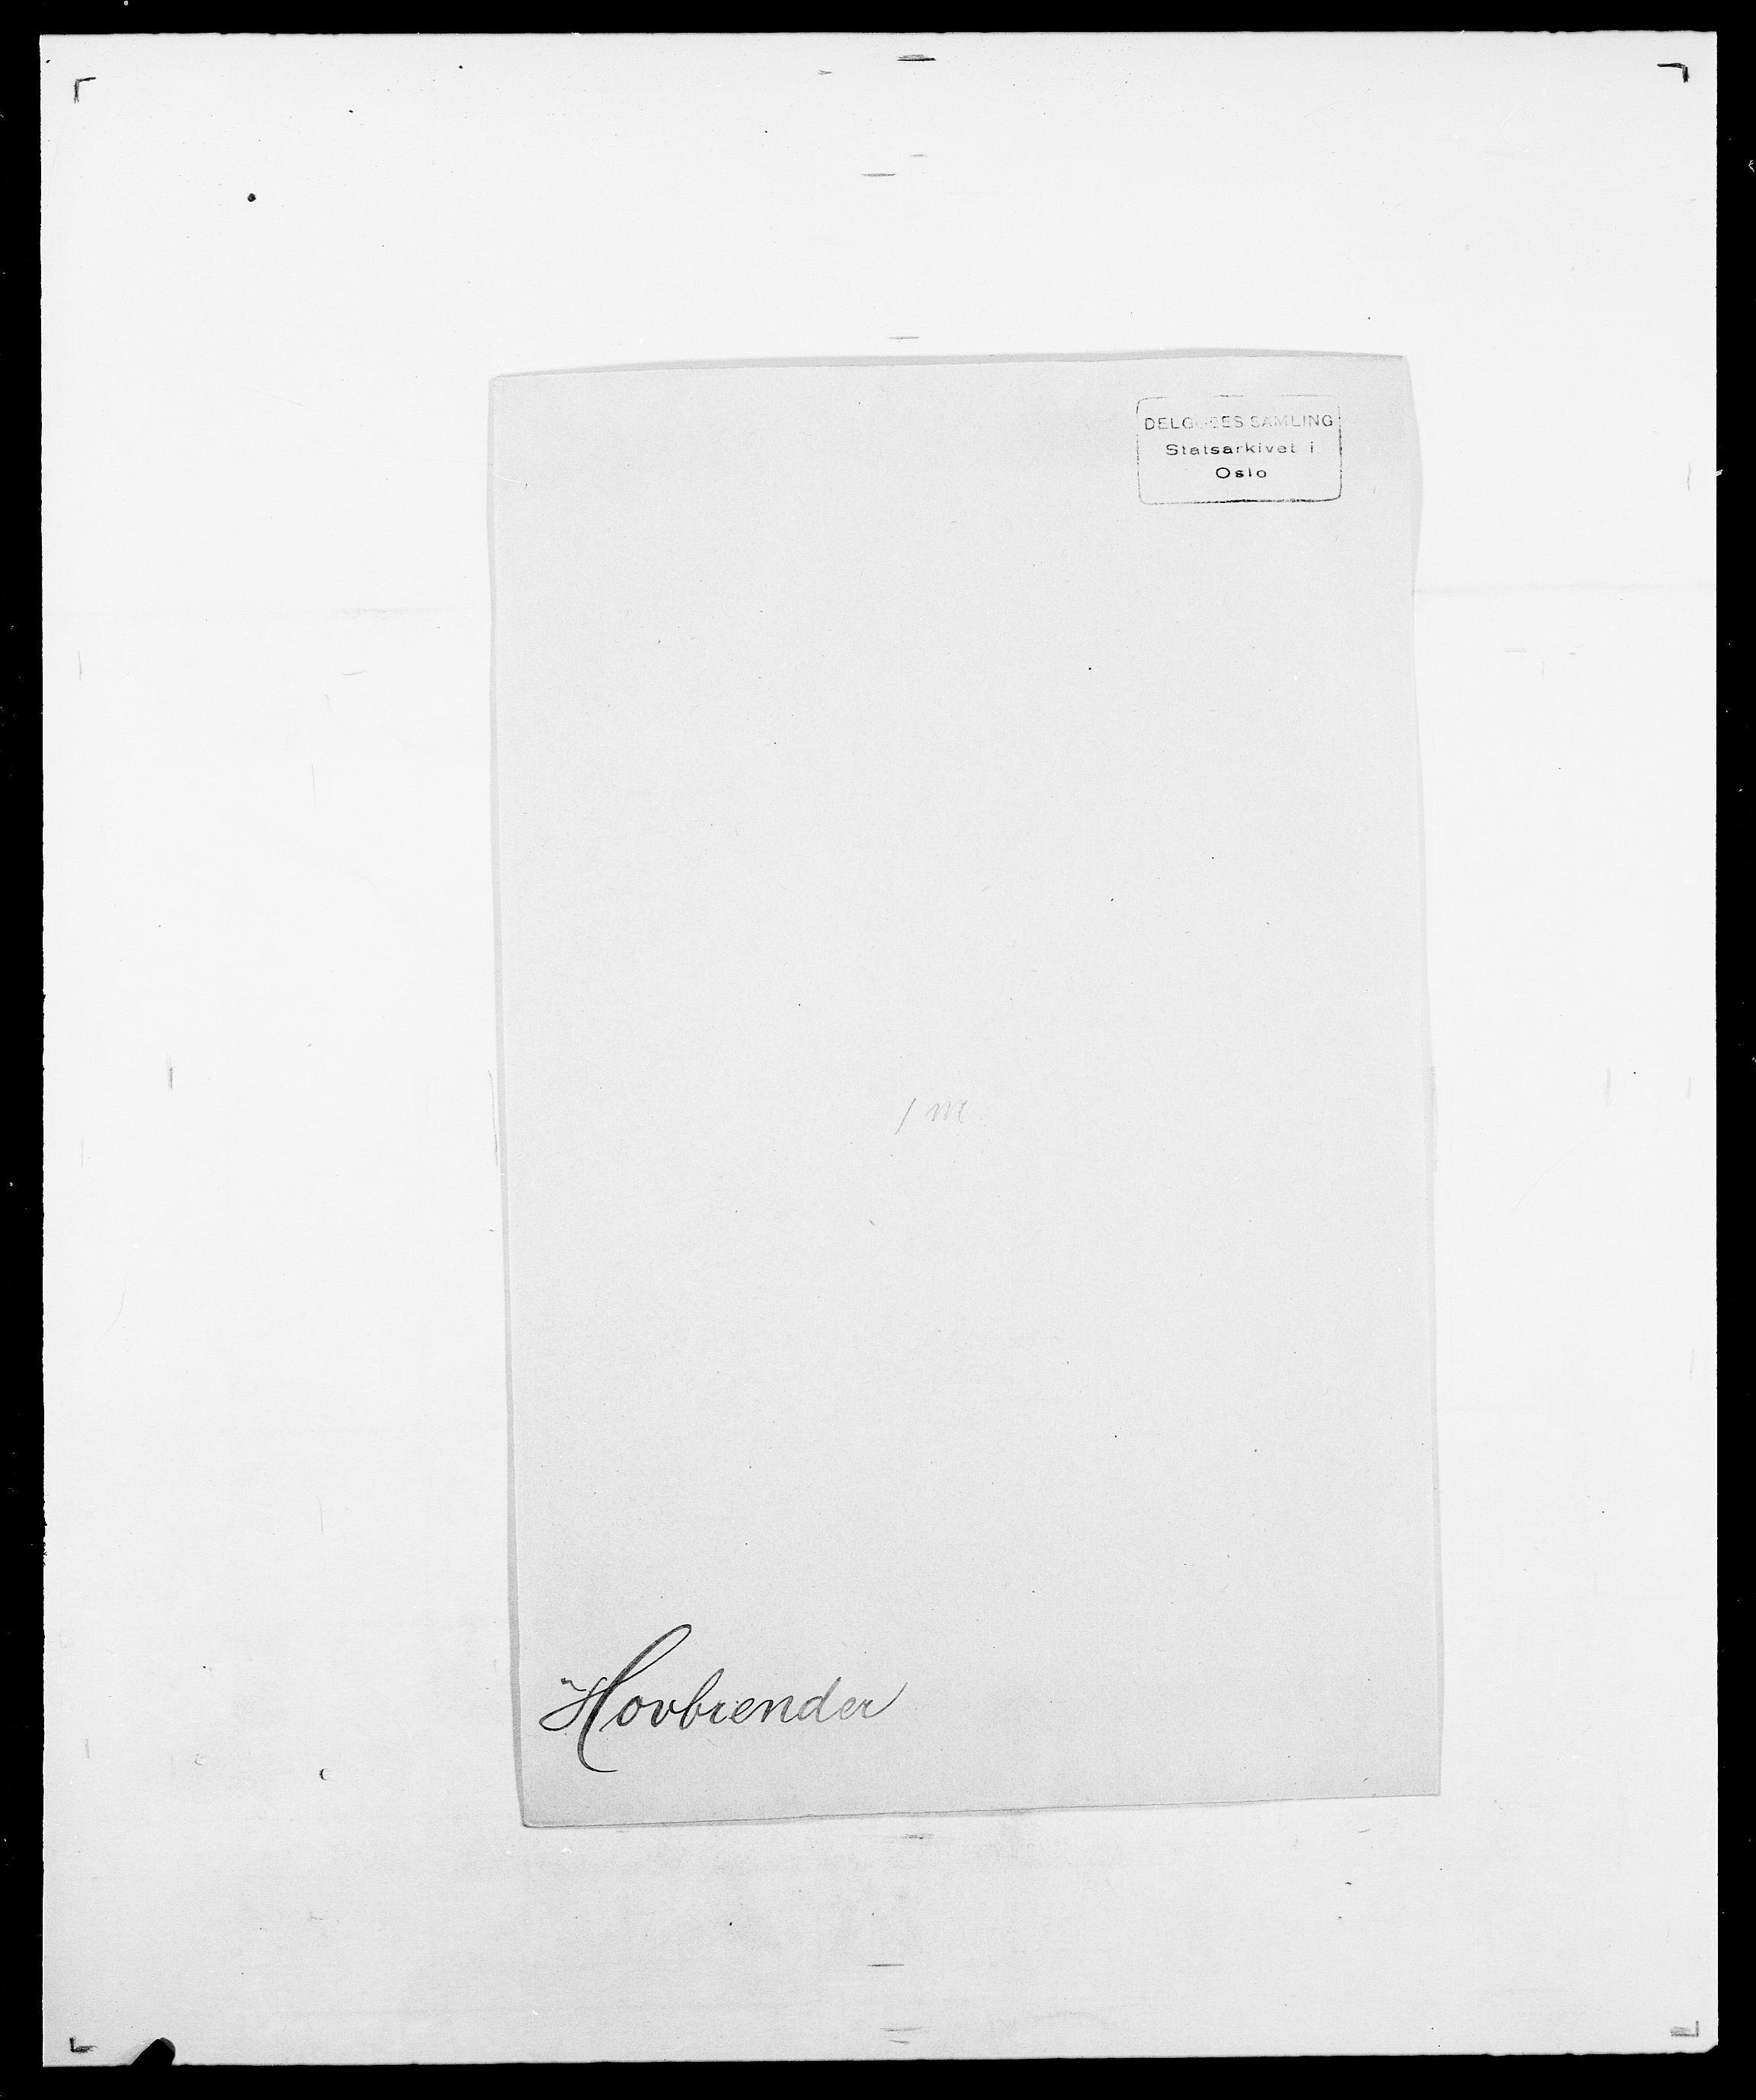 SAO, Delgobe, Charles Antoine - samling, D/Da/L0018: Hoch - Howert, s. 1035